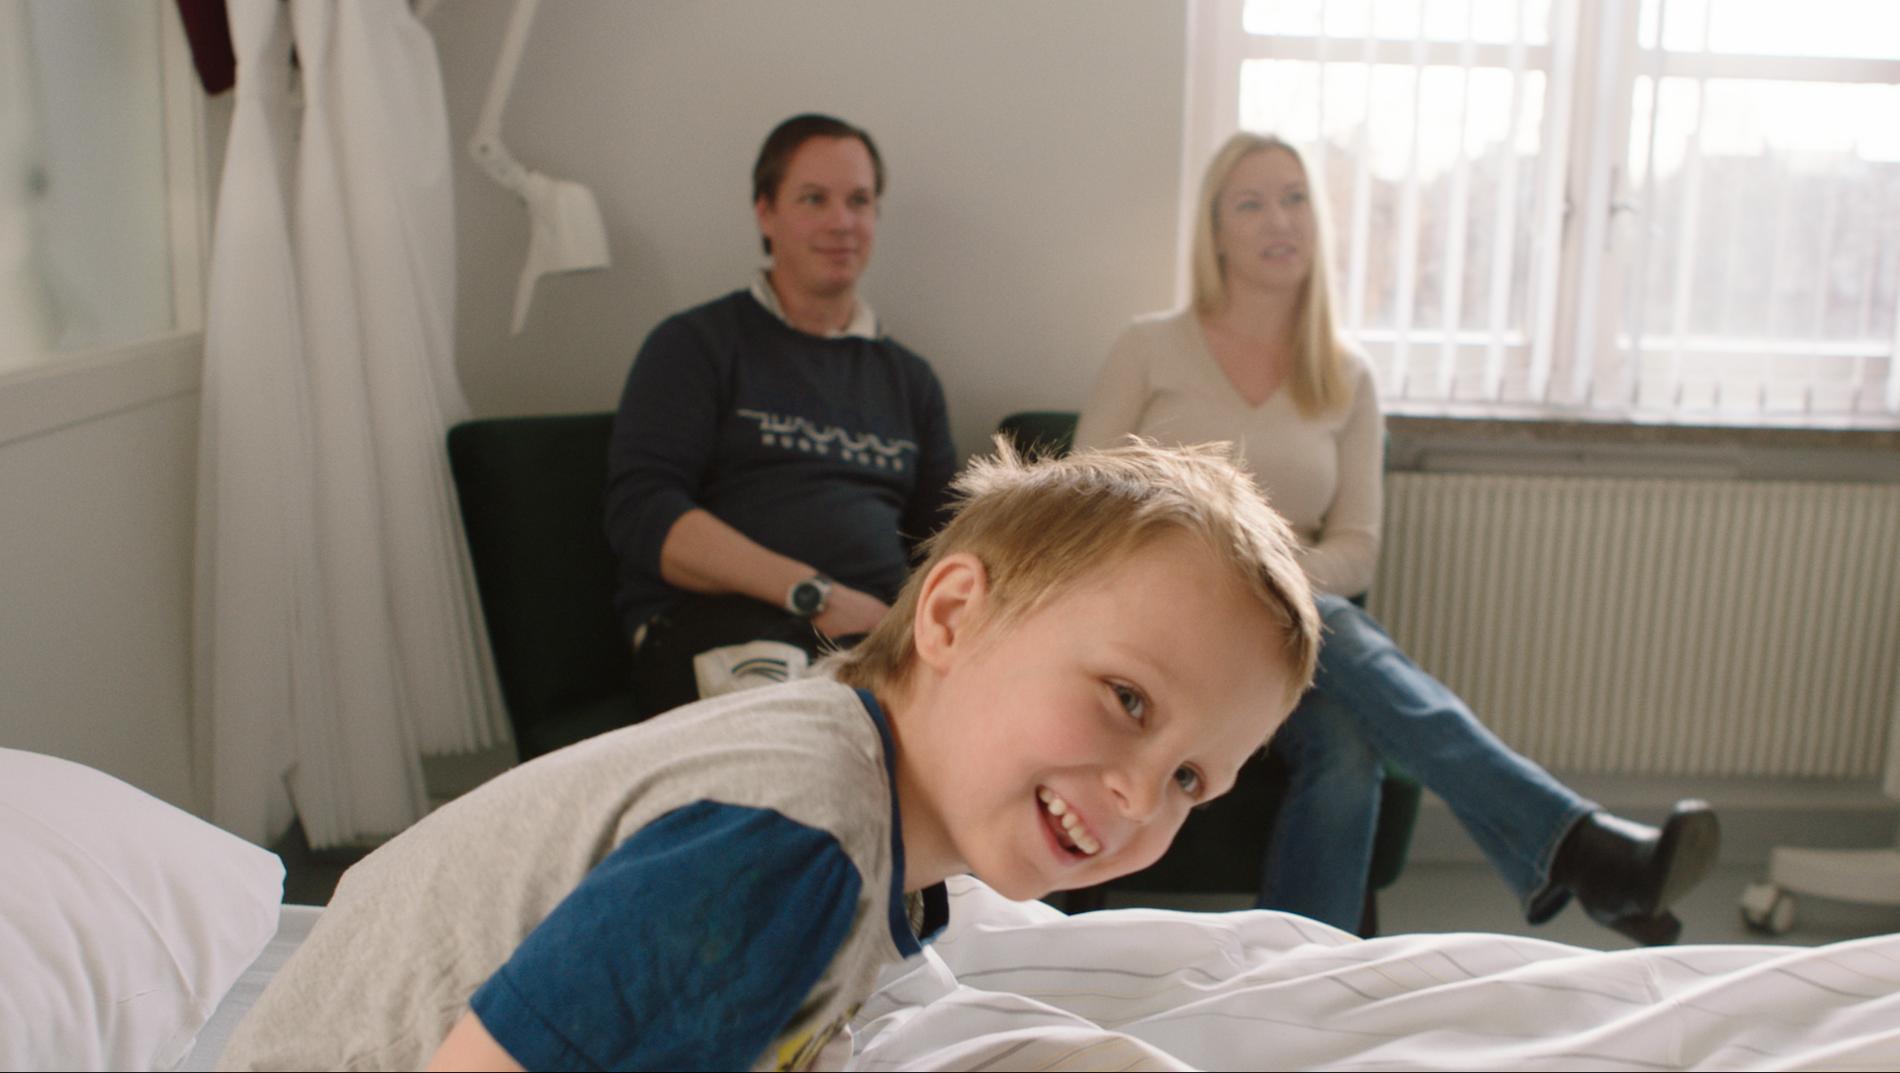 FORNØYDE FORELDRE: En viktig del av arbeidet til Sykehusklovnene er å sørge for at også foreldre og søsken blir godt ivaretatt. – De gjør at vi kan le og finne glede på tross av alt vi står i, sier Camilla og Christian Grøtness.